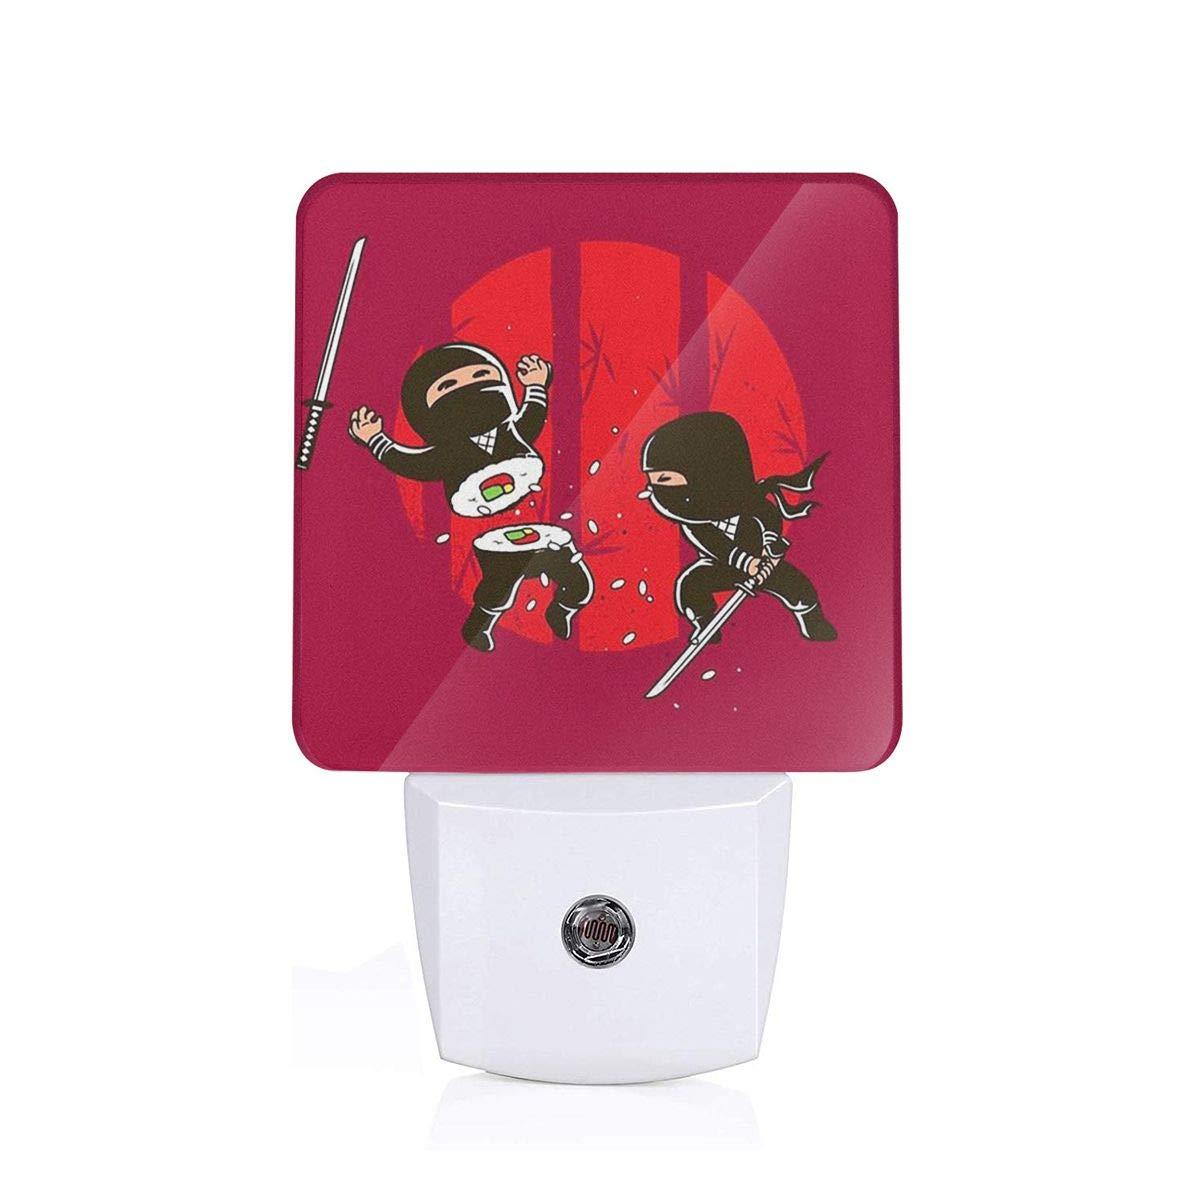 Amazon.com: SUNNMOON Sushi Ninja Plug in LED Night Light ...